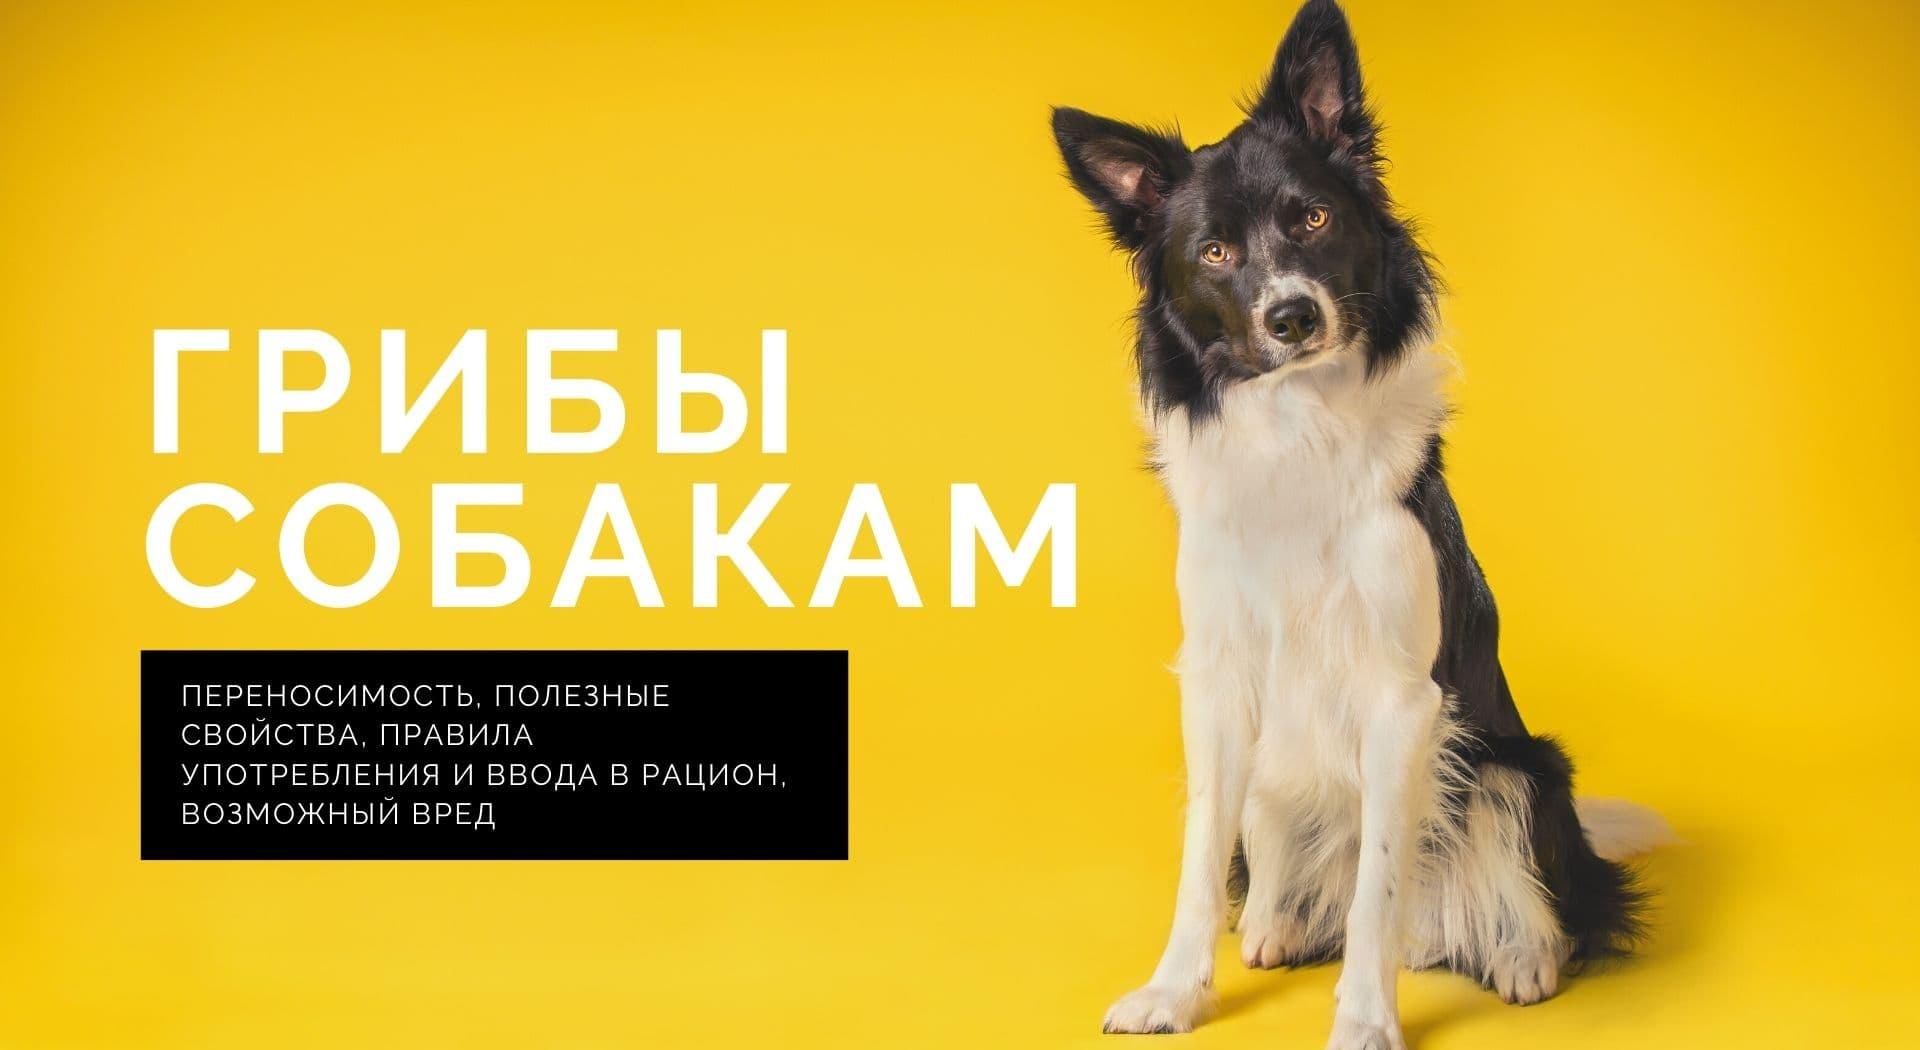 Грибы собакам: переносимость, полезные свойства, правила употребления и ввода в рацион, возможный вред